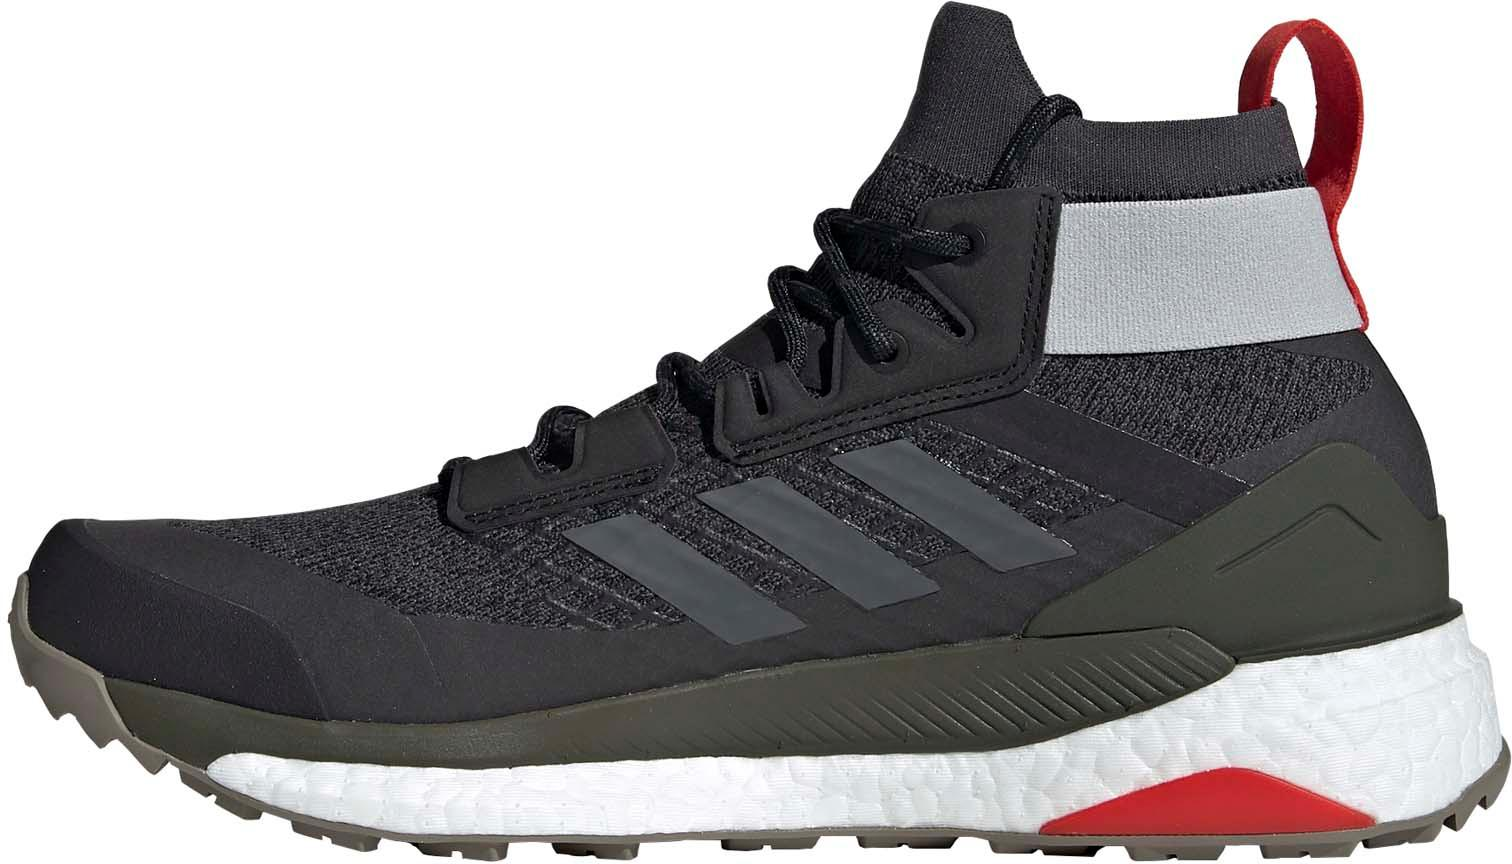 Schuhe online günstig kaufen über shop24.at   shop24